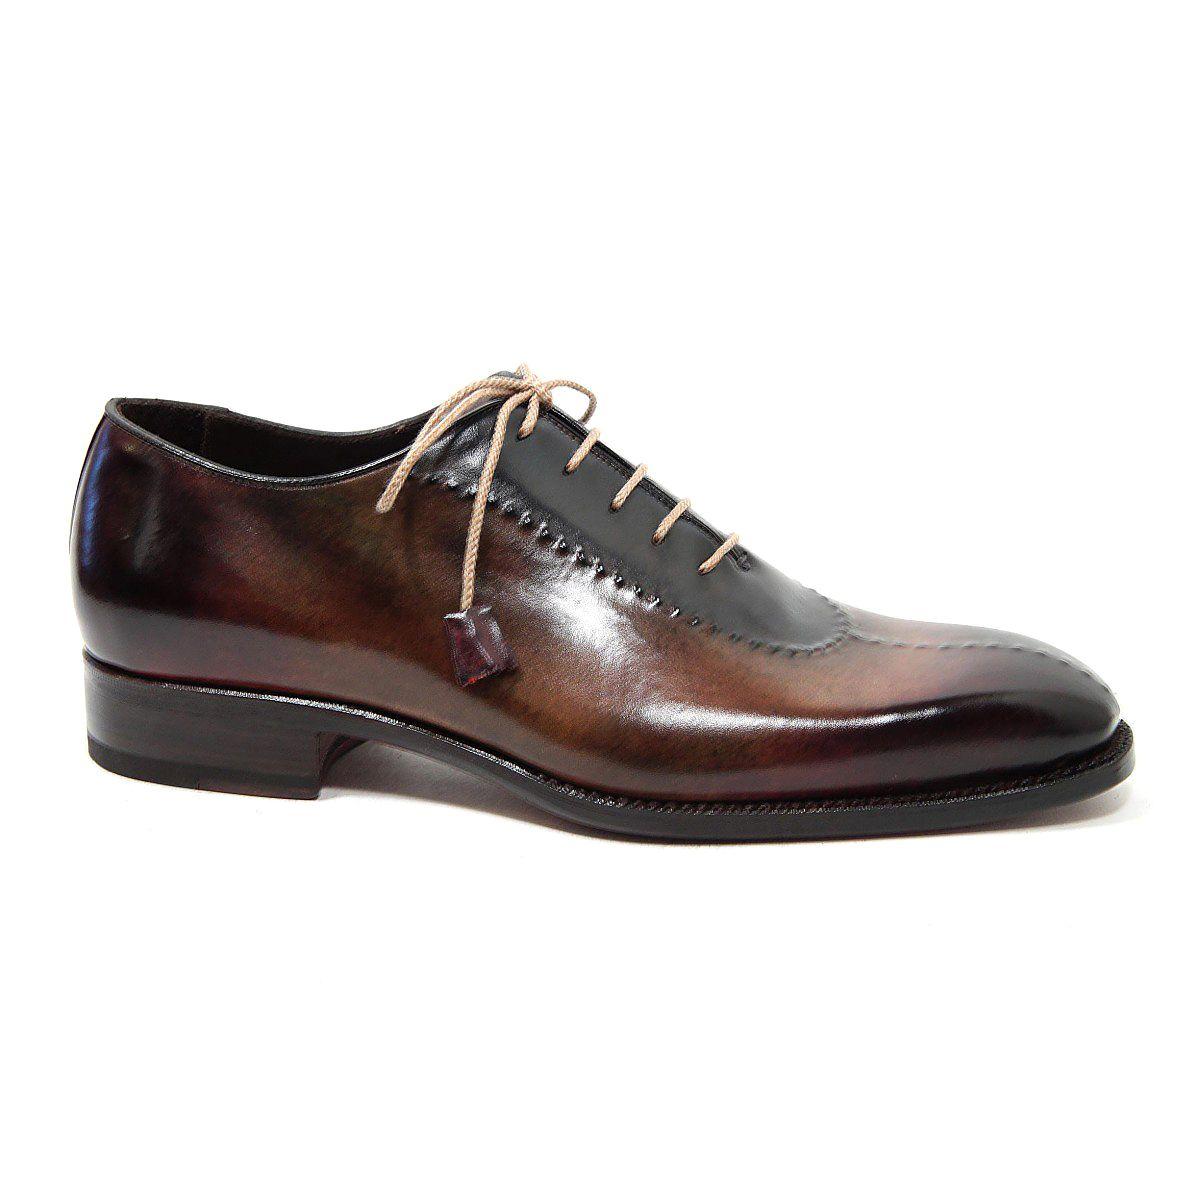 Harris handgemaakte italiaanse schoenen koop je online bij